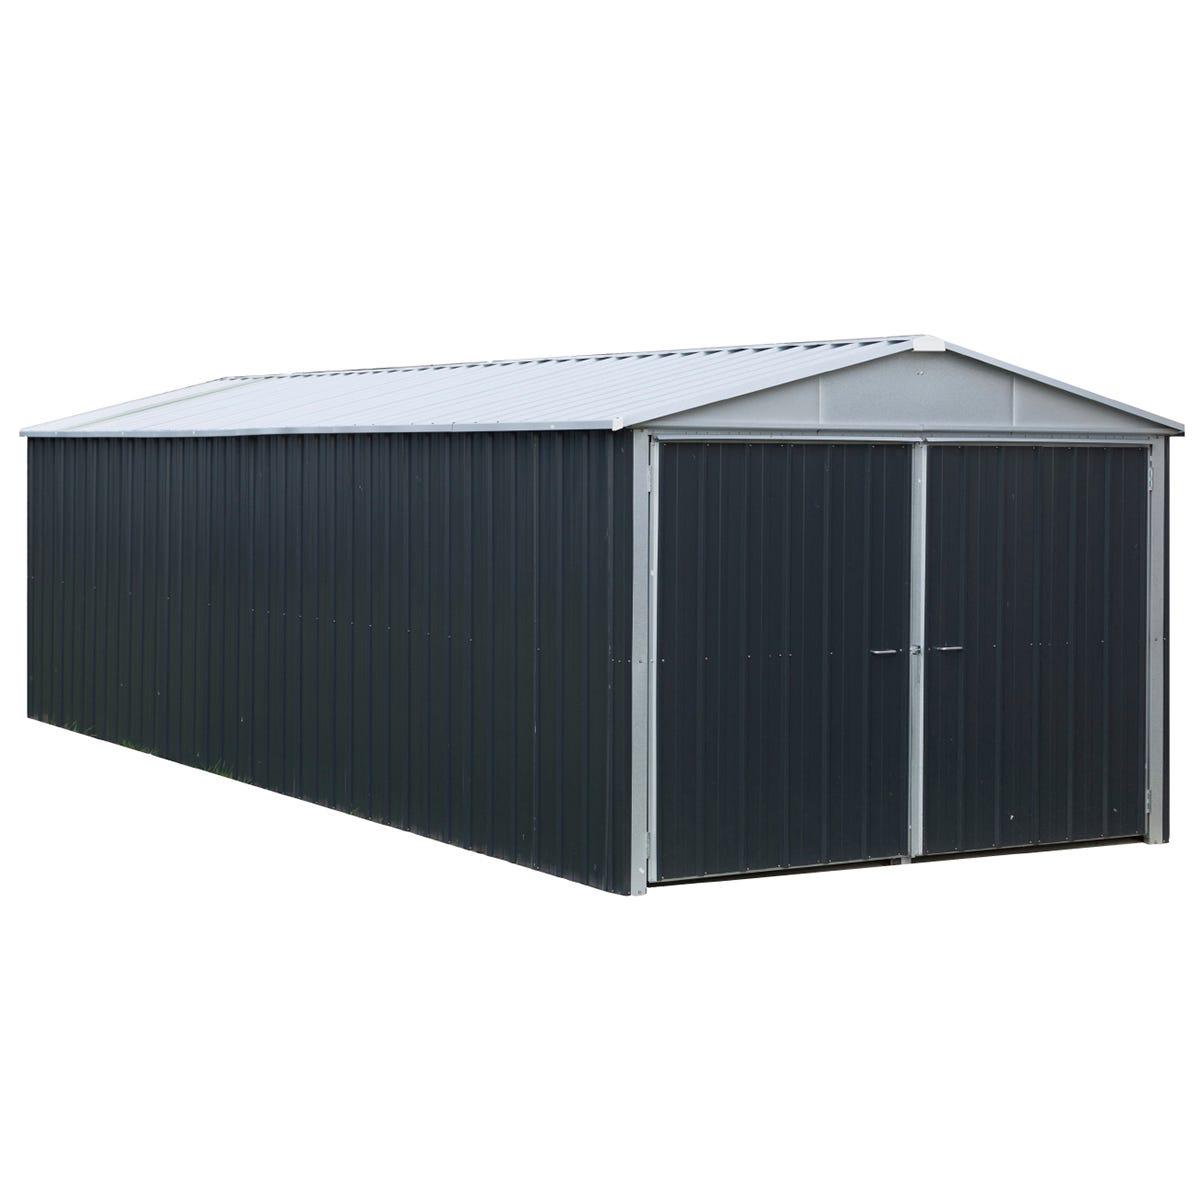 Yardmaster Metal Garage 10 x 17ft